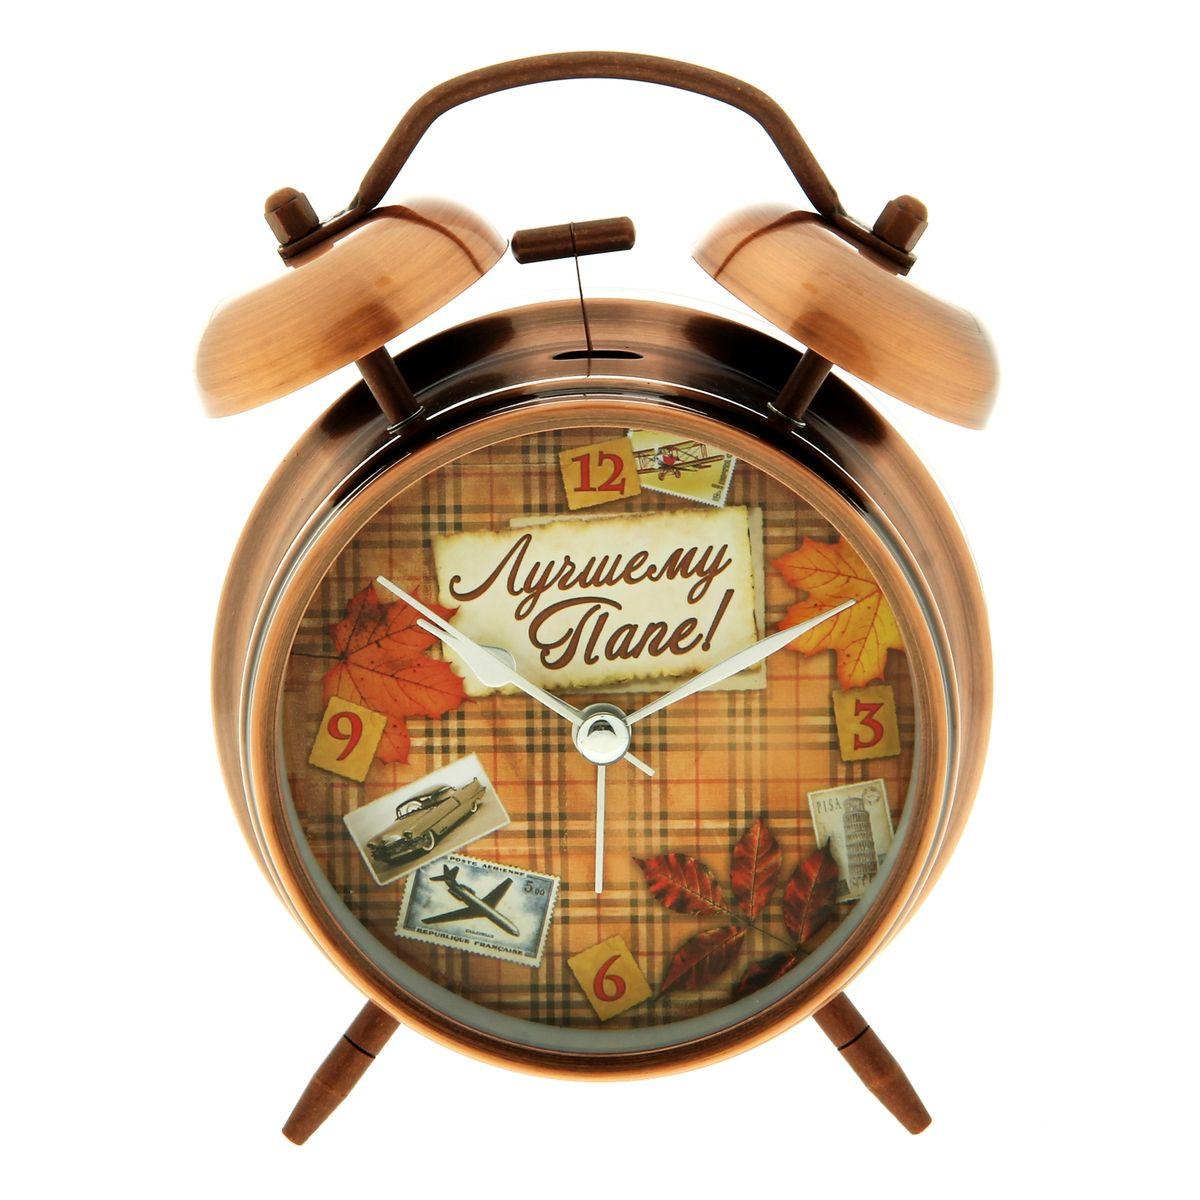 Часы-будильник Sima-land Лучшему папе179035Как же сложно иногда вставать вовремя! Всегда так хочется поспать еще хотя бы 5 минут и бывает, что мы просыпаем. Теперь этого не случится! Яркий, оригинальный будильник Sima-land Лучшему папе поможет вам всегда вставать в нужное время и успевать везде и всюду. Время показывает точно и будит в установленный час. Такой будильник станет прекрасным подарком. На задней панели будильника расположены переключатель включения/выключения механизма и два колесика для настройки текущего времени и времени звонка будильника. Также будильник оснащен кнопкой, при нажатии и удержании которой, подсвечивается циферблат. Будильник работает от 1 батарейки типа AA напряжением 1,5V (не входит в комплект).